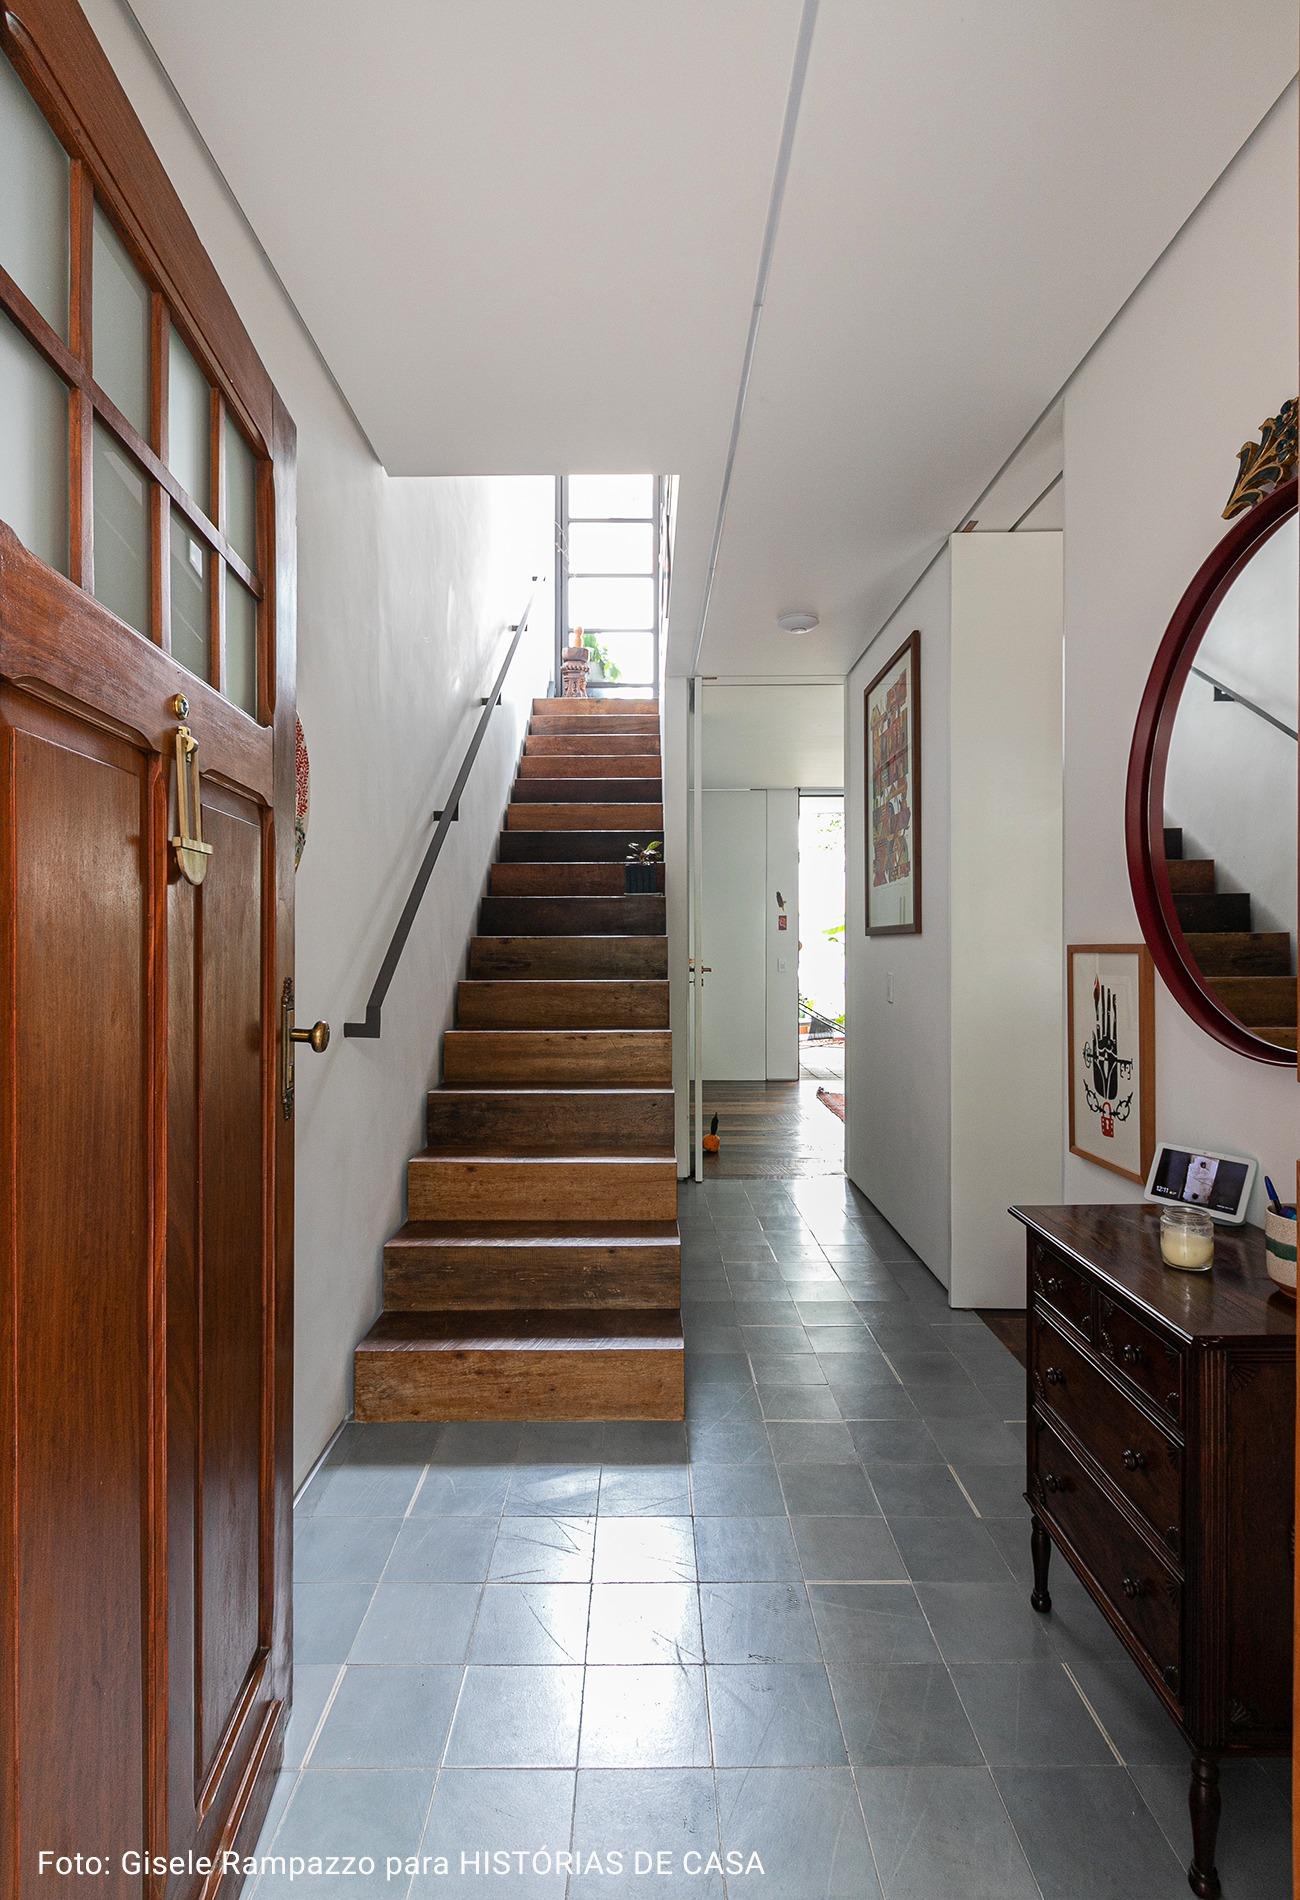 entrada de casa com escadaria de madeira